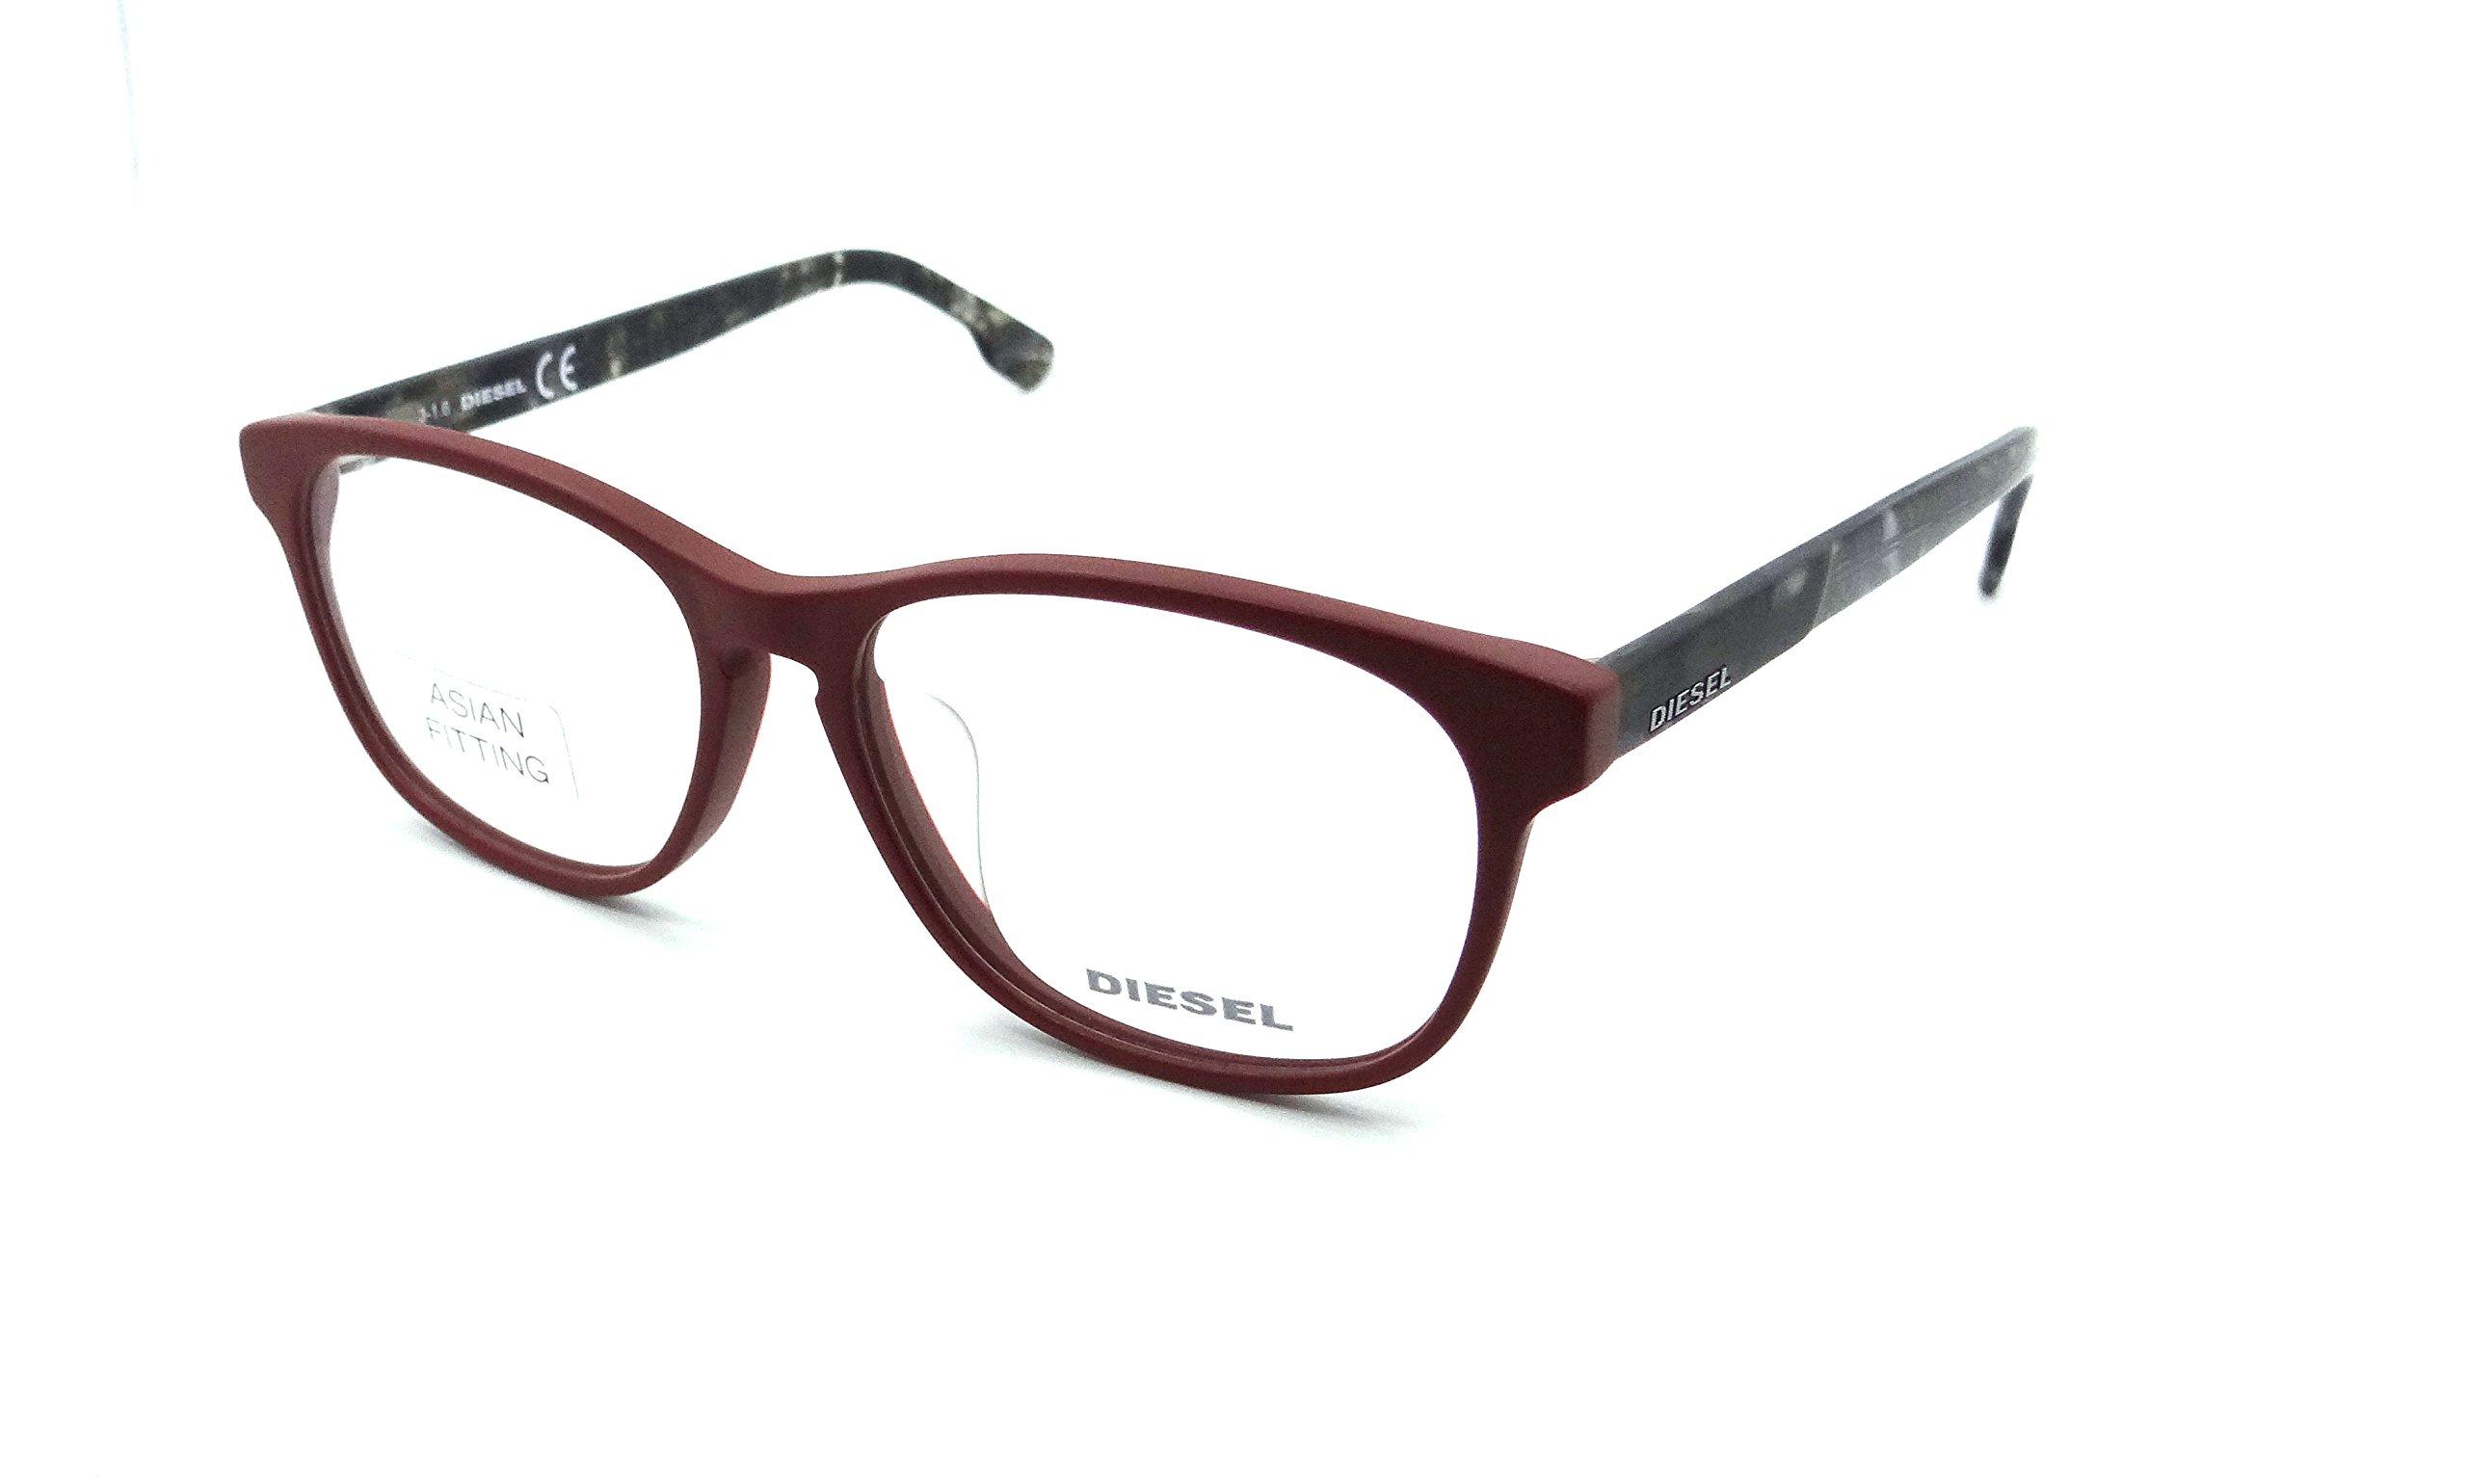 Diesel Rx Eyeglasses Frames DL5187-F 067 55-15-145 Matte Burgundy Asian Fit